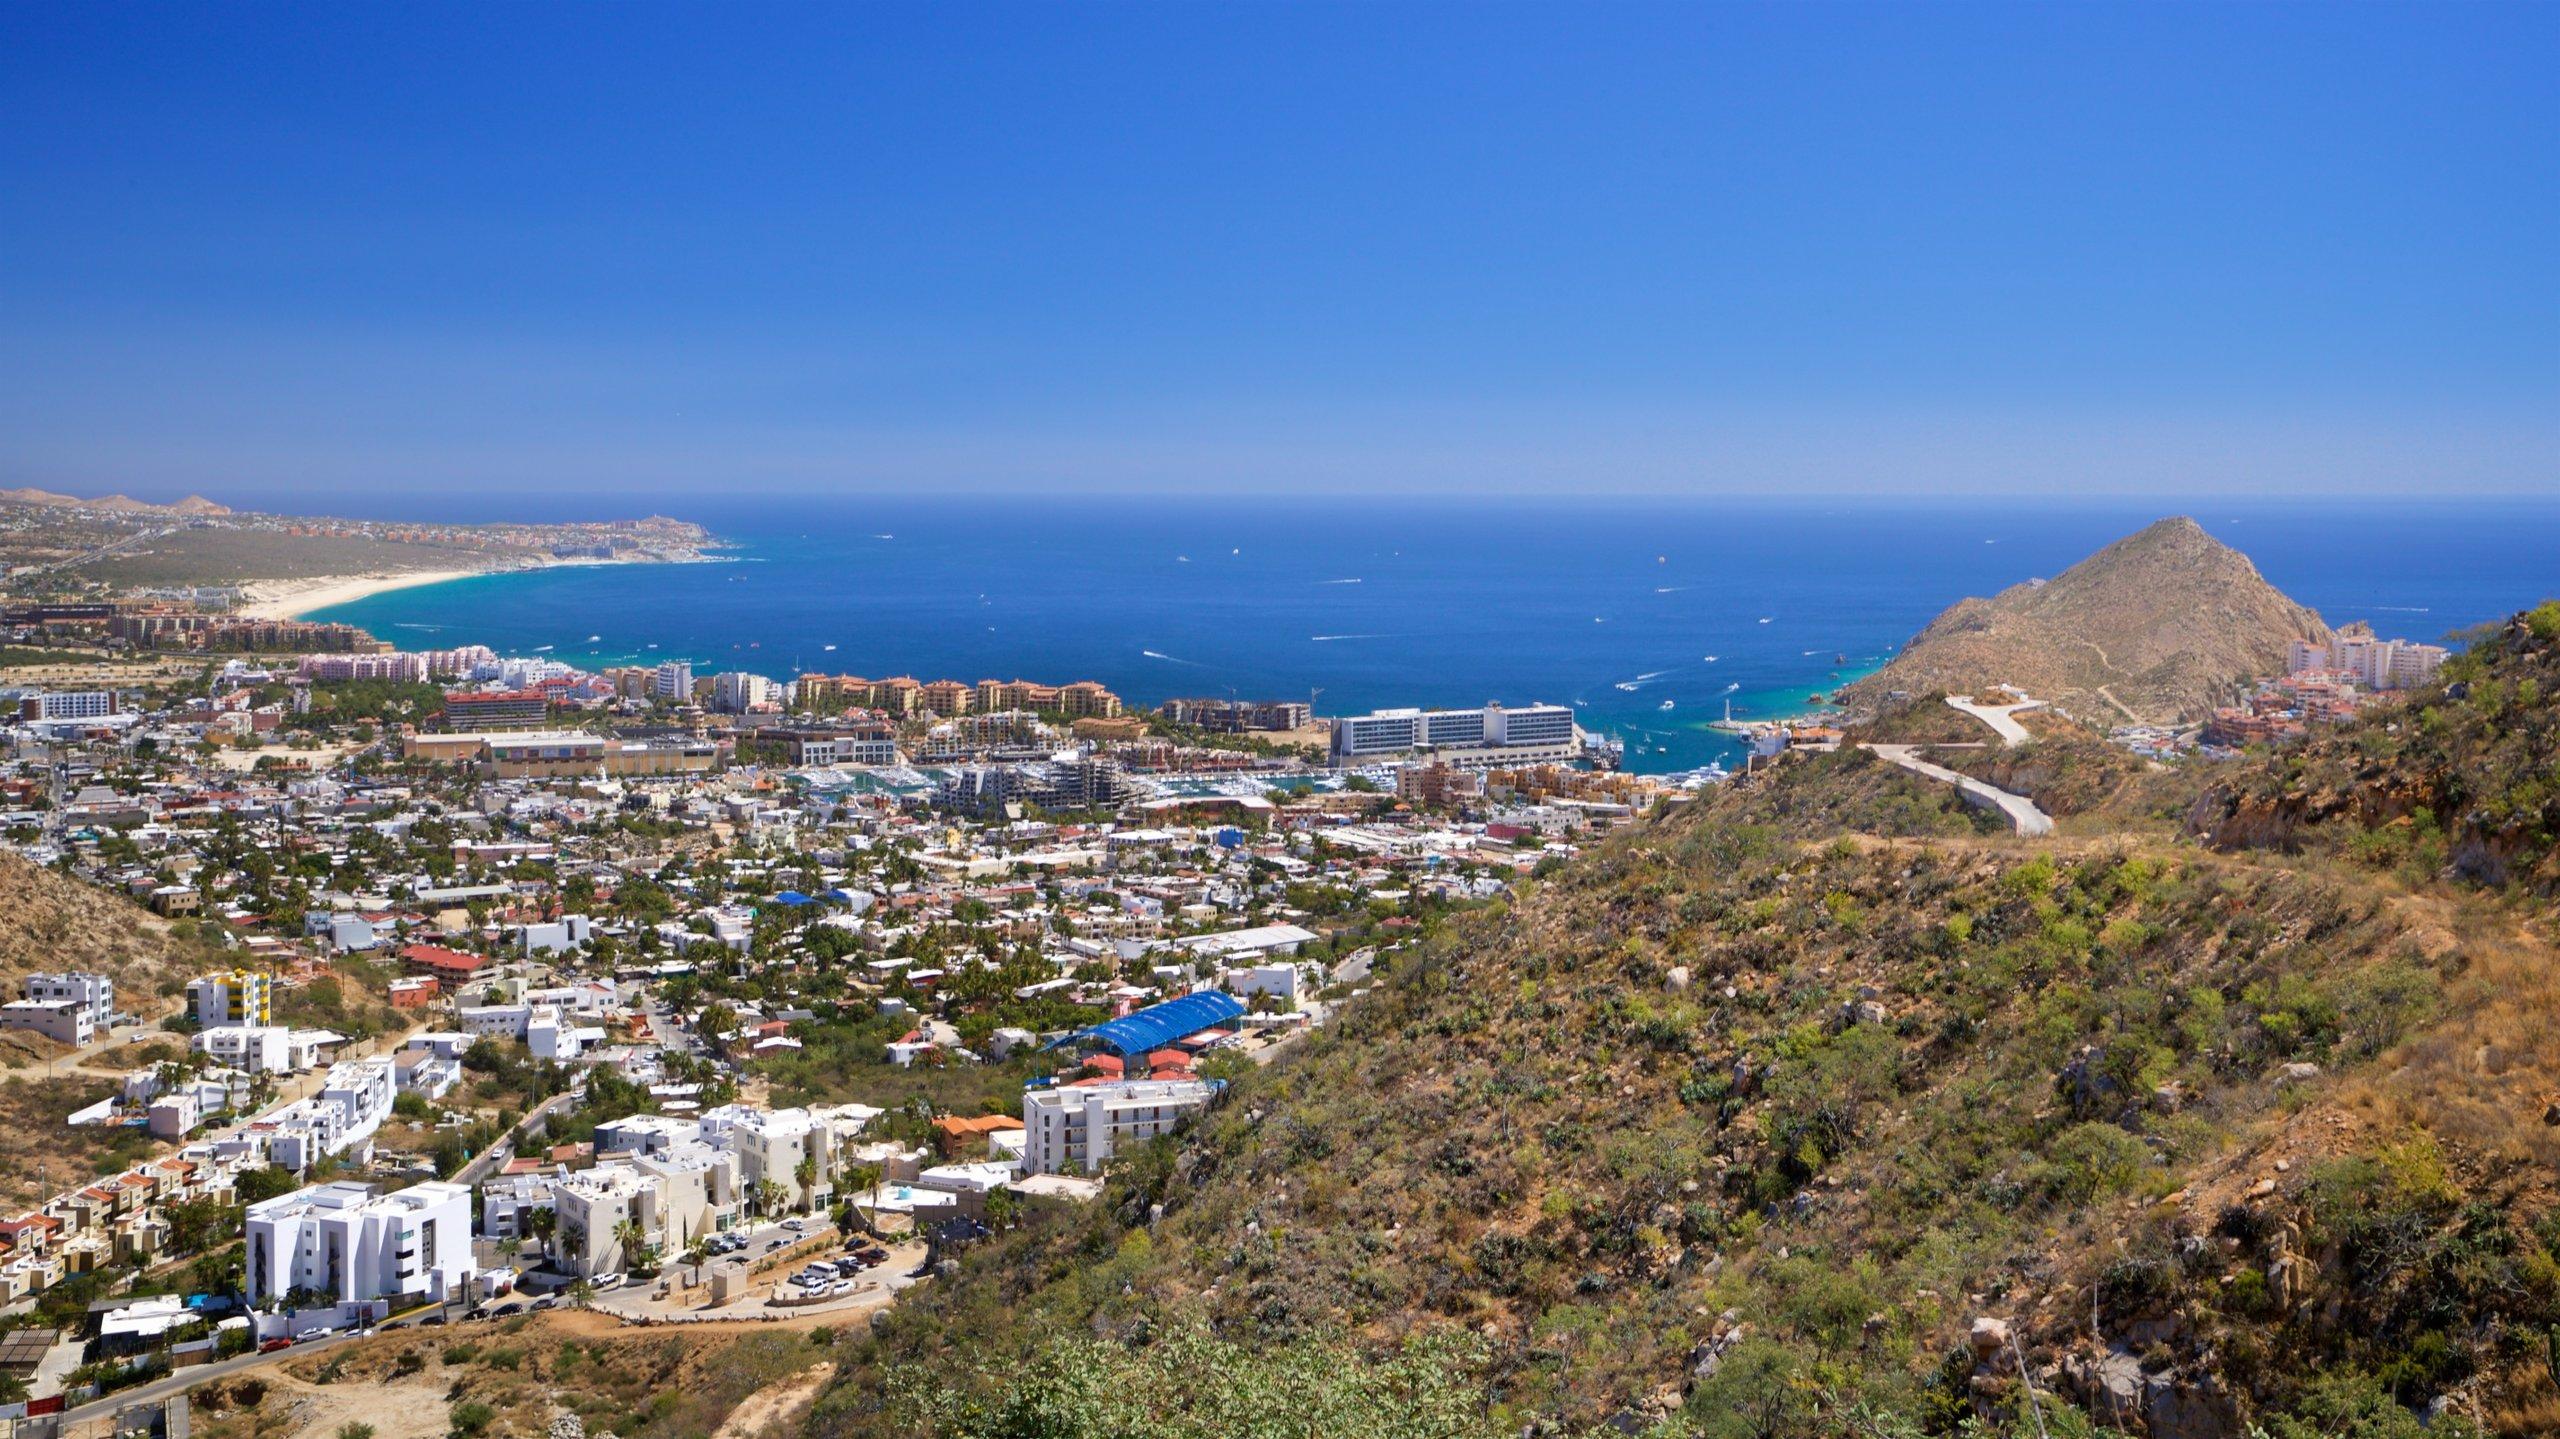 Paraiso Escondido, Cabo San Lucas, Baja California Sur, Mexico